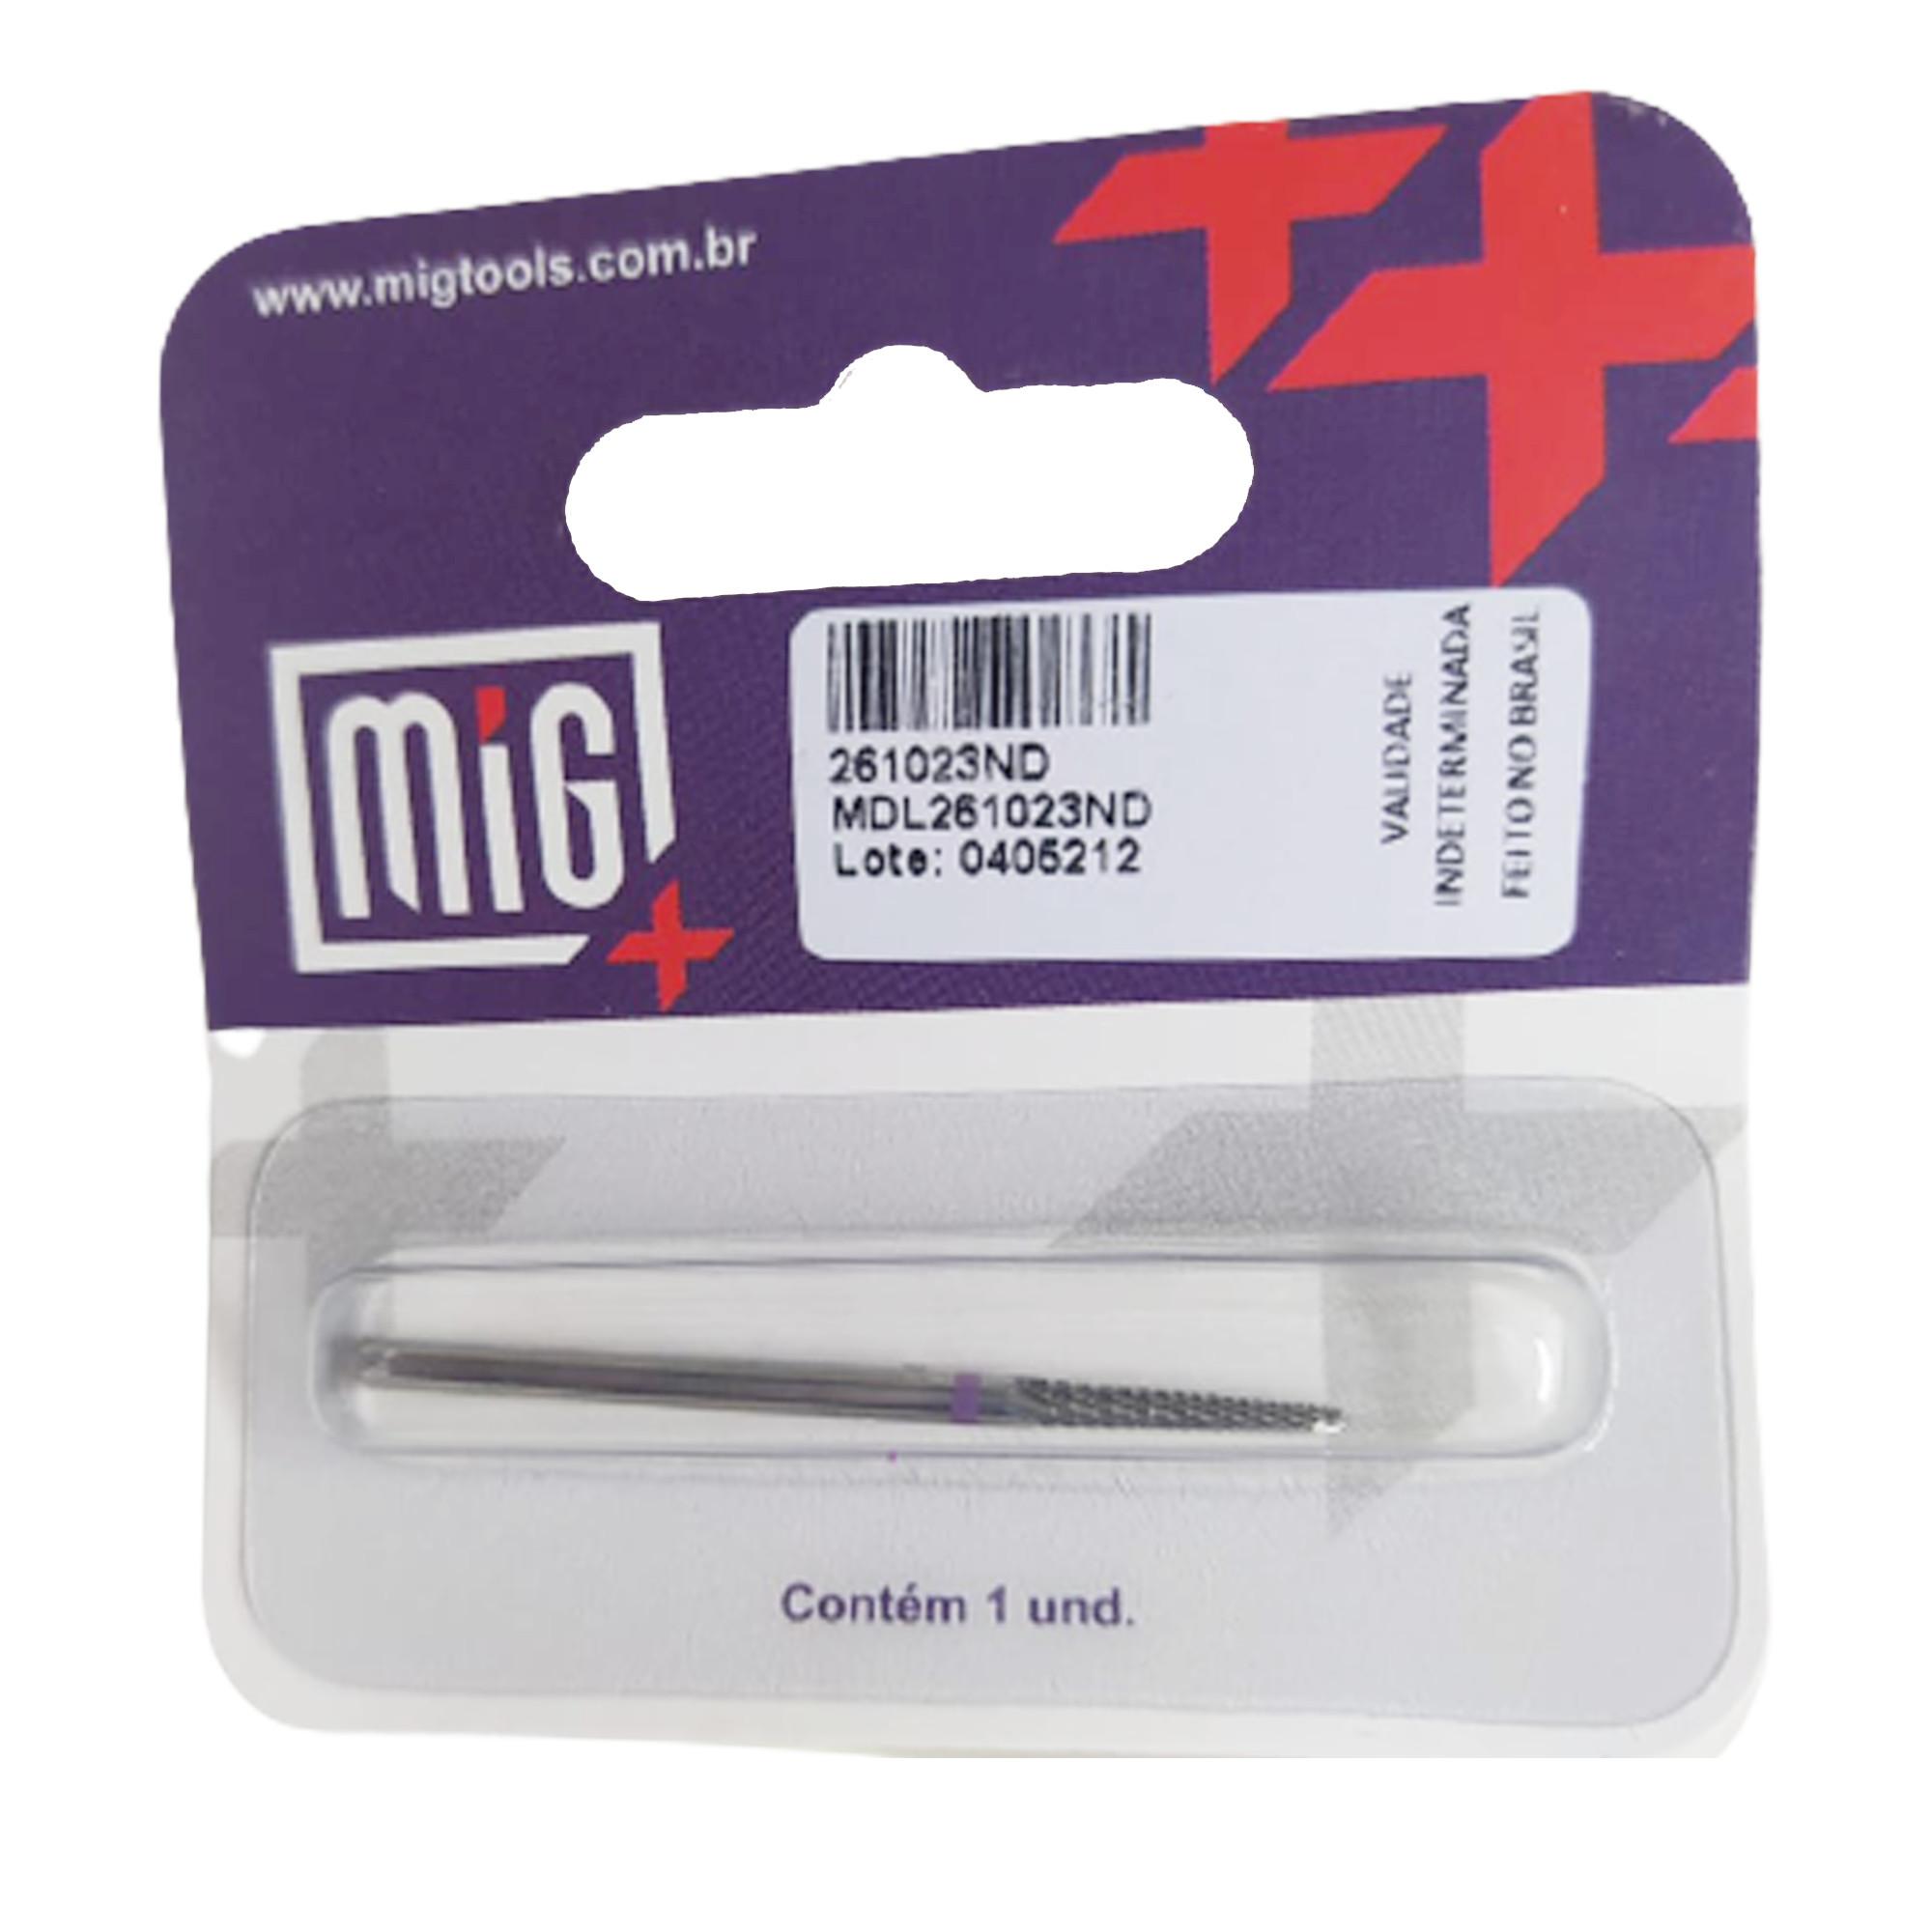 Broca Tungstênio para Desgaste - 261023ND - Mig Tools